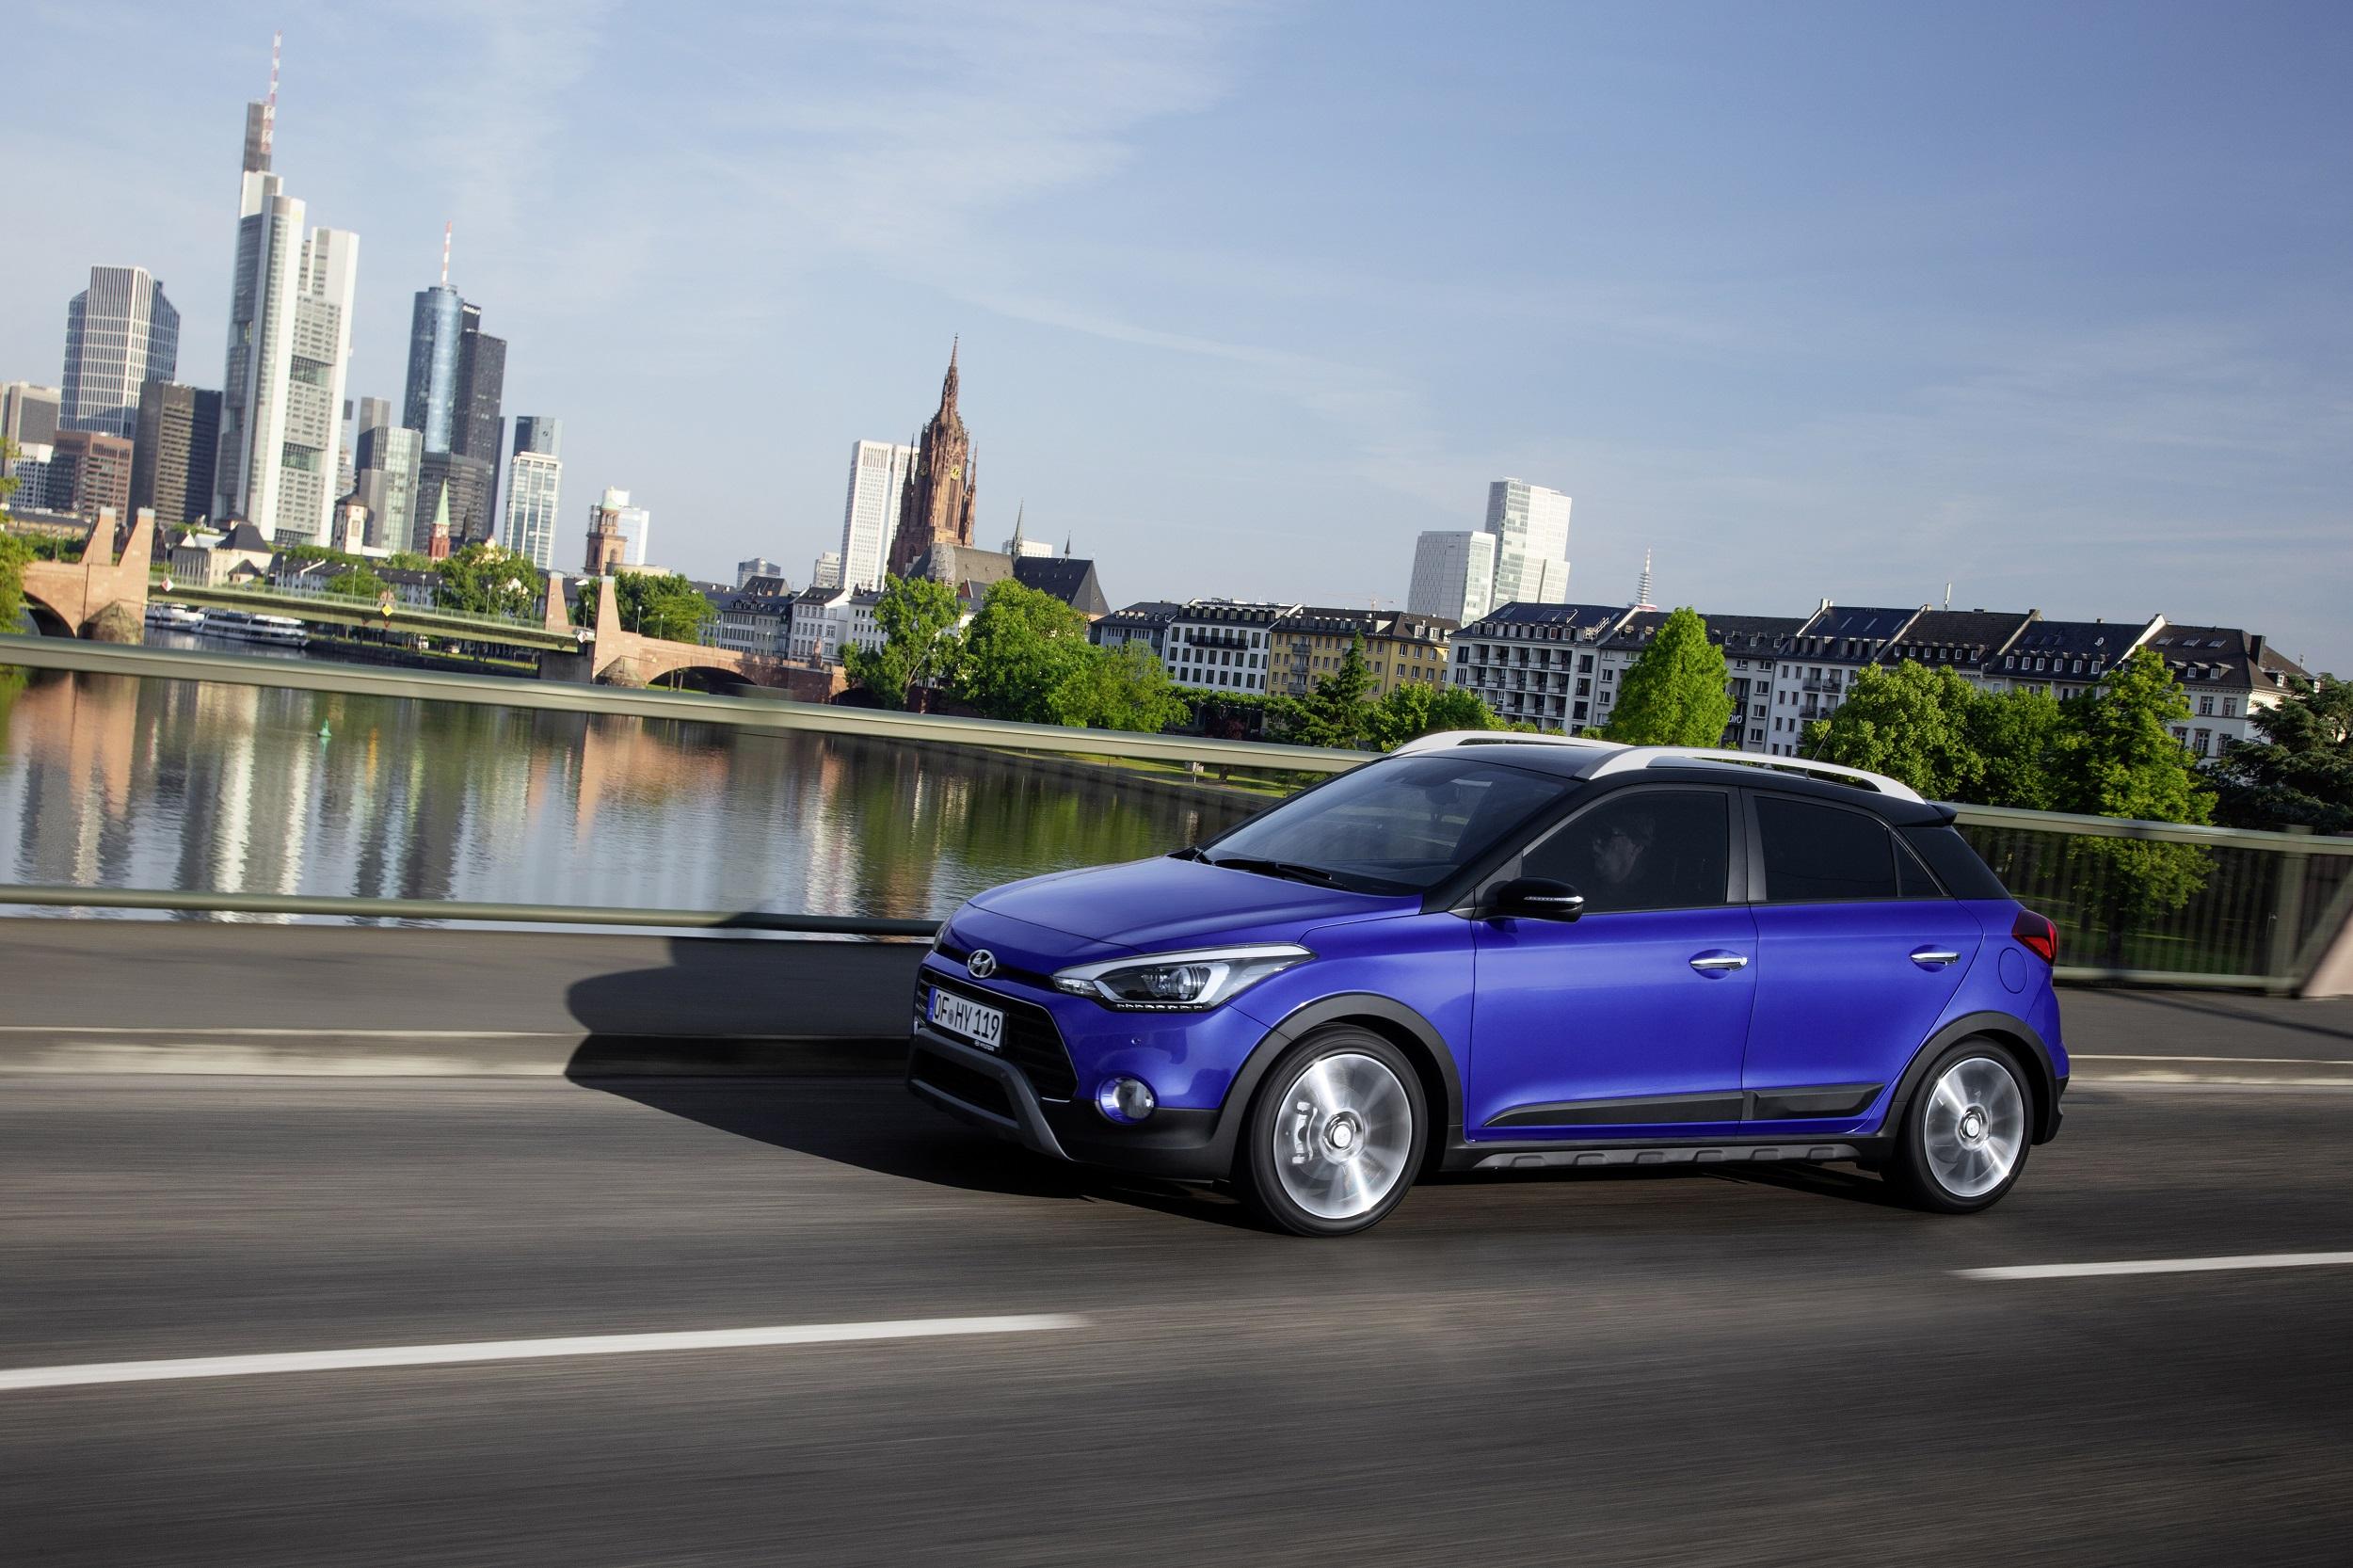 Cómo comprar hoy un coche con tranquilidad y confianza   Actualidad   Motor EL PAÍS